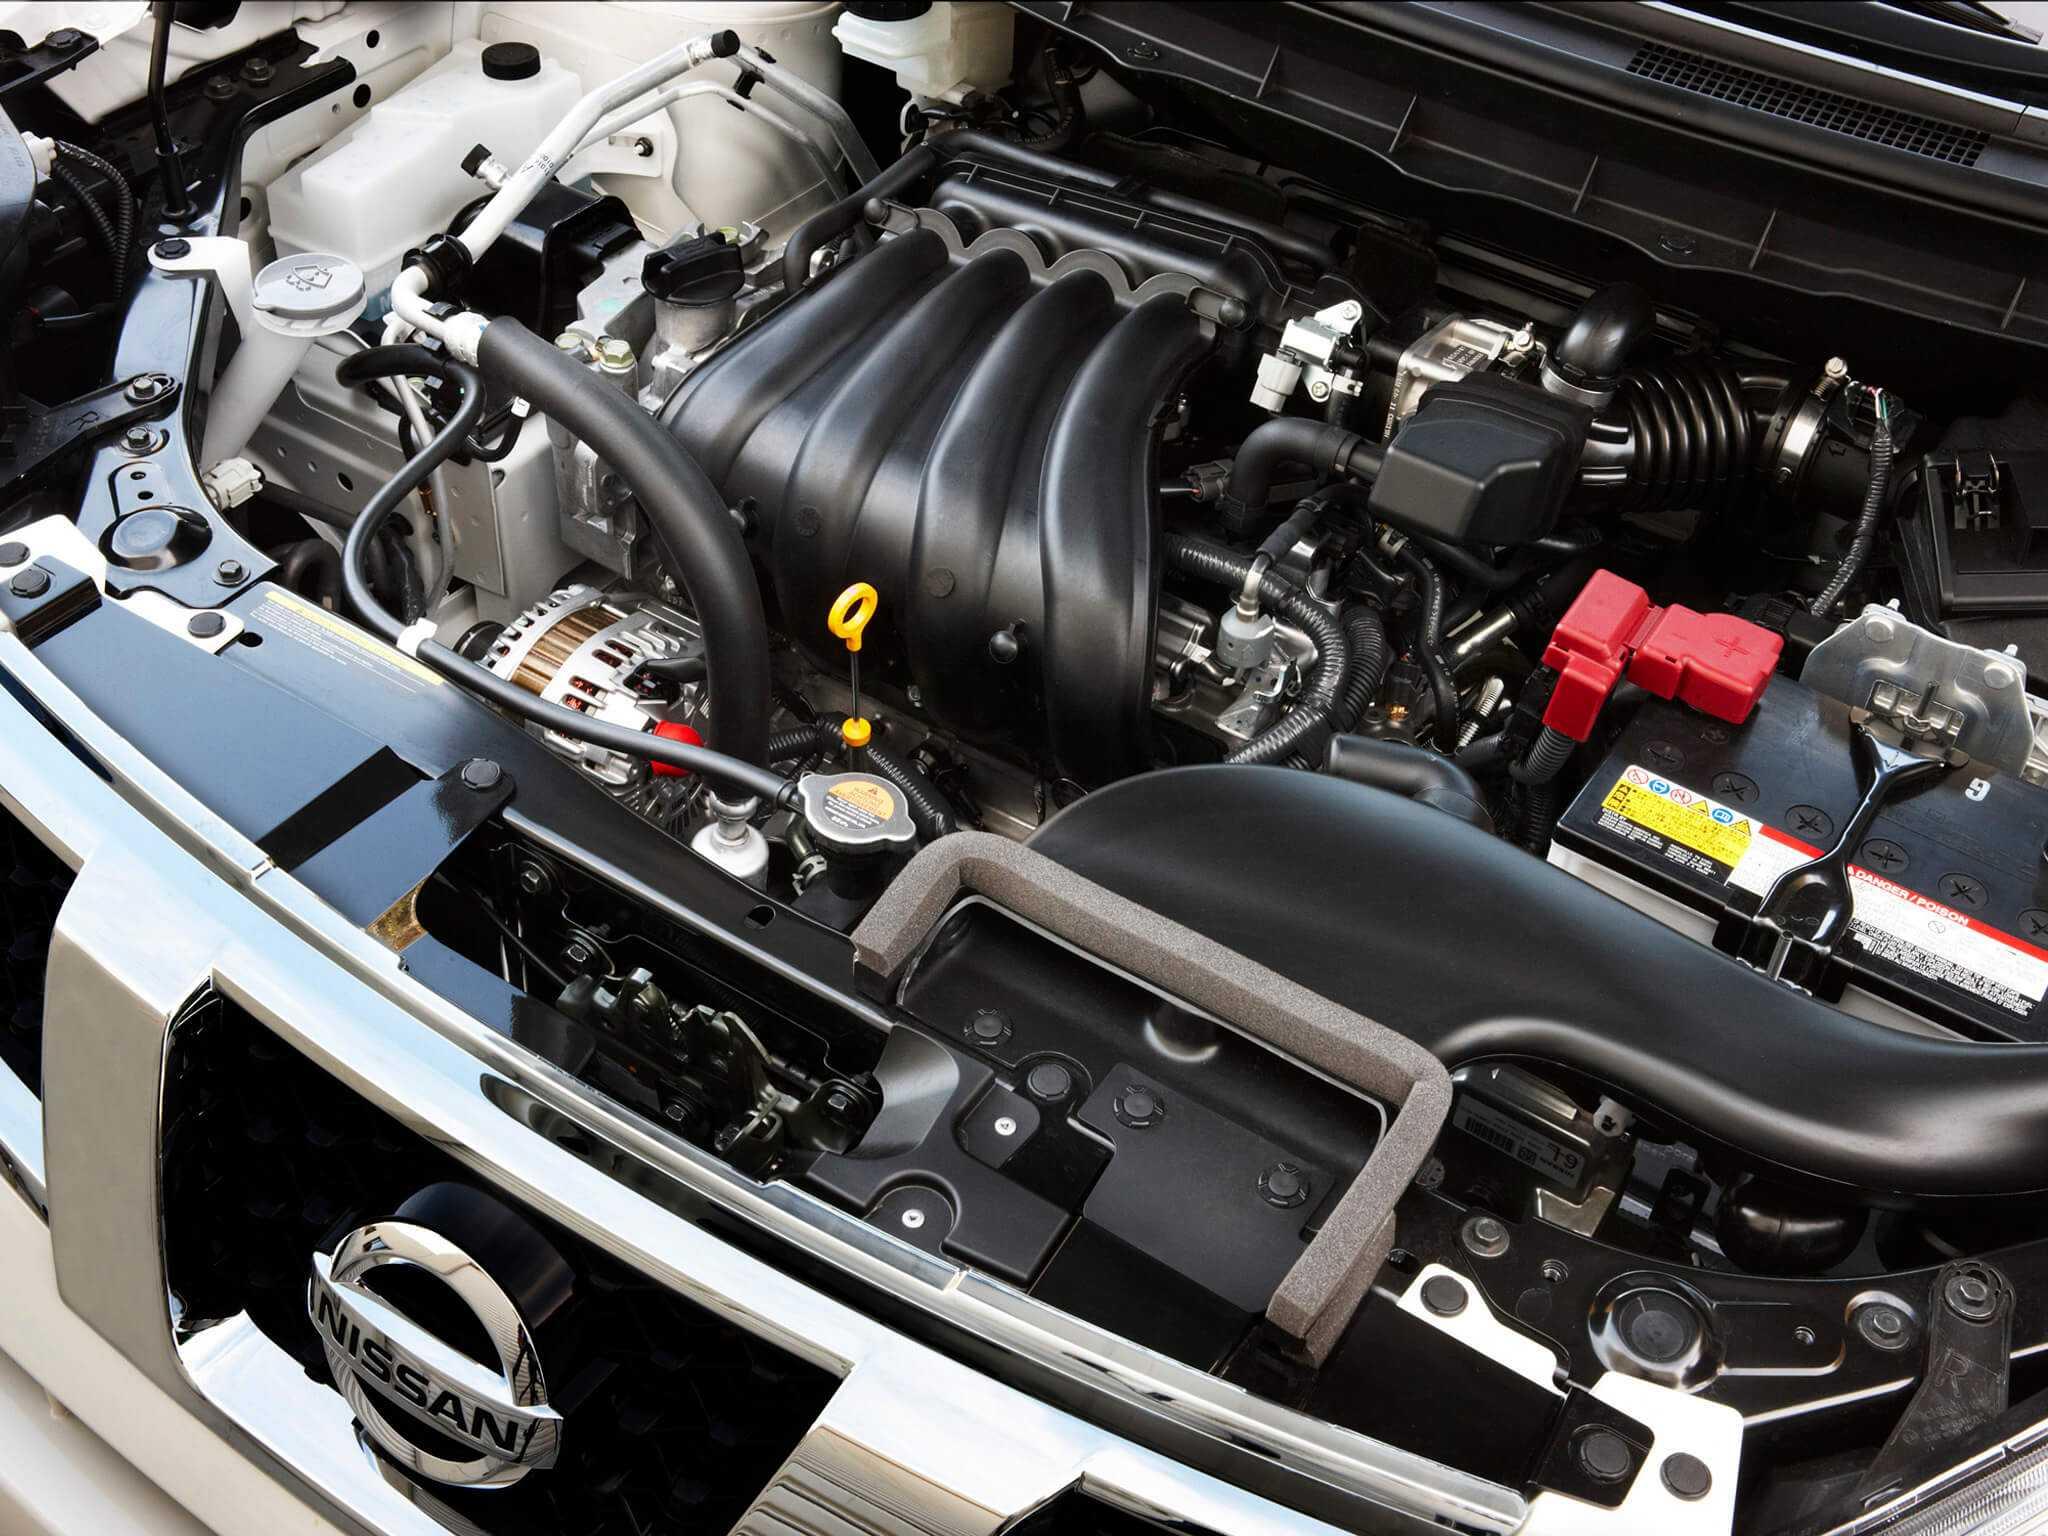 ТО-6  Ниссан Х-Трейл Т31 (2 (дизель), МКПП - полный привод) – техническое обслуживание Nissan X-Trail T31 90000 в Москве – цена, регламент, перечень работ.